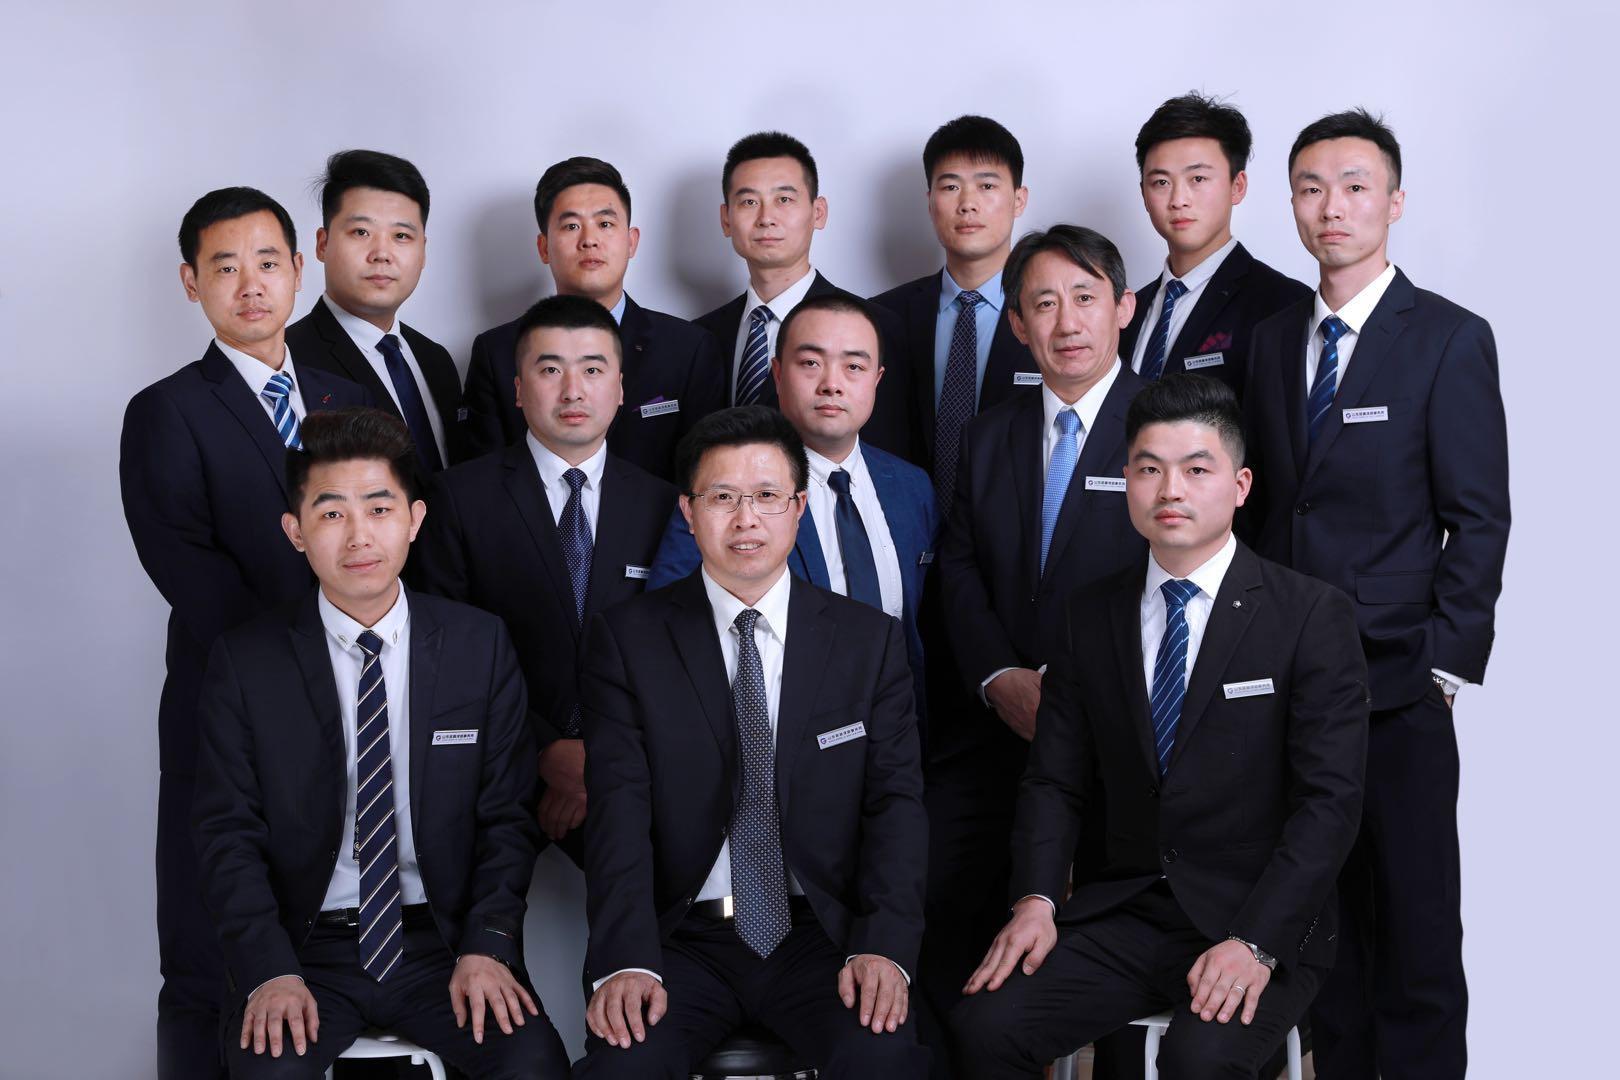 菏泽拆迁律师团队